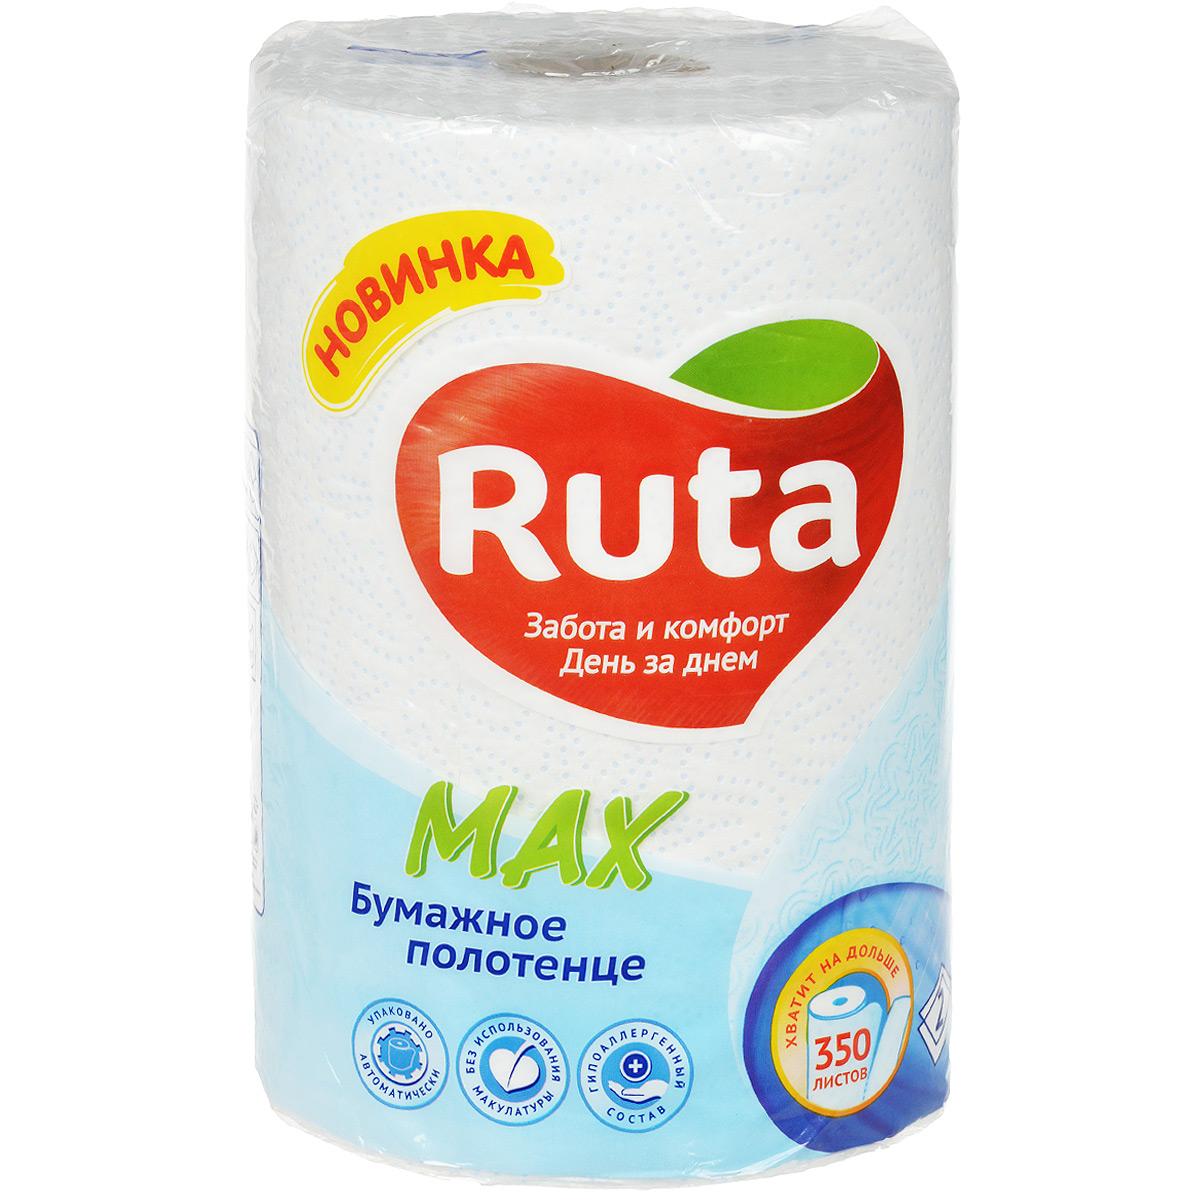 Бумажные полотенца Ruta Max, 2-х слойные14026Бумажные полотенца Ruta Max - это полотенца с повышенными впитывающими свойствами, изготовленные из отборной высококачественной целлюлозы. Специальная технология тиснения, которую вы можете узнать по характерным звездочкам на бумаге, уникально поглощает влагу и удерживает ее. Поэтому полотенца впитывают больше и быстрее - настоящая экстра-впитываемость. Они идеально подойдут для тех, кто ценит свое время и комфорт. Ведь благодаря Ruta Max вы гораздо быстрее и легче справитесь с любой задачей дома, в дороге и на природе. Полотенца можно использовать без держателя, просто вытяните гильзу и извлеките листы изнутри рулона.